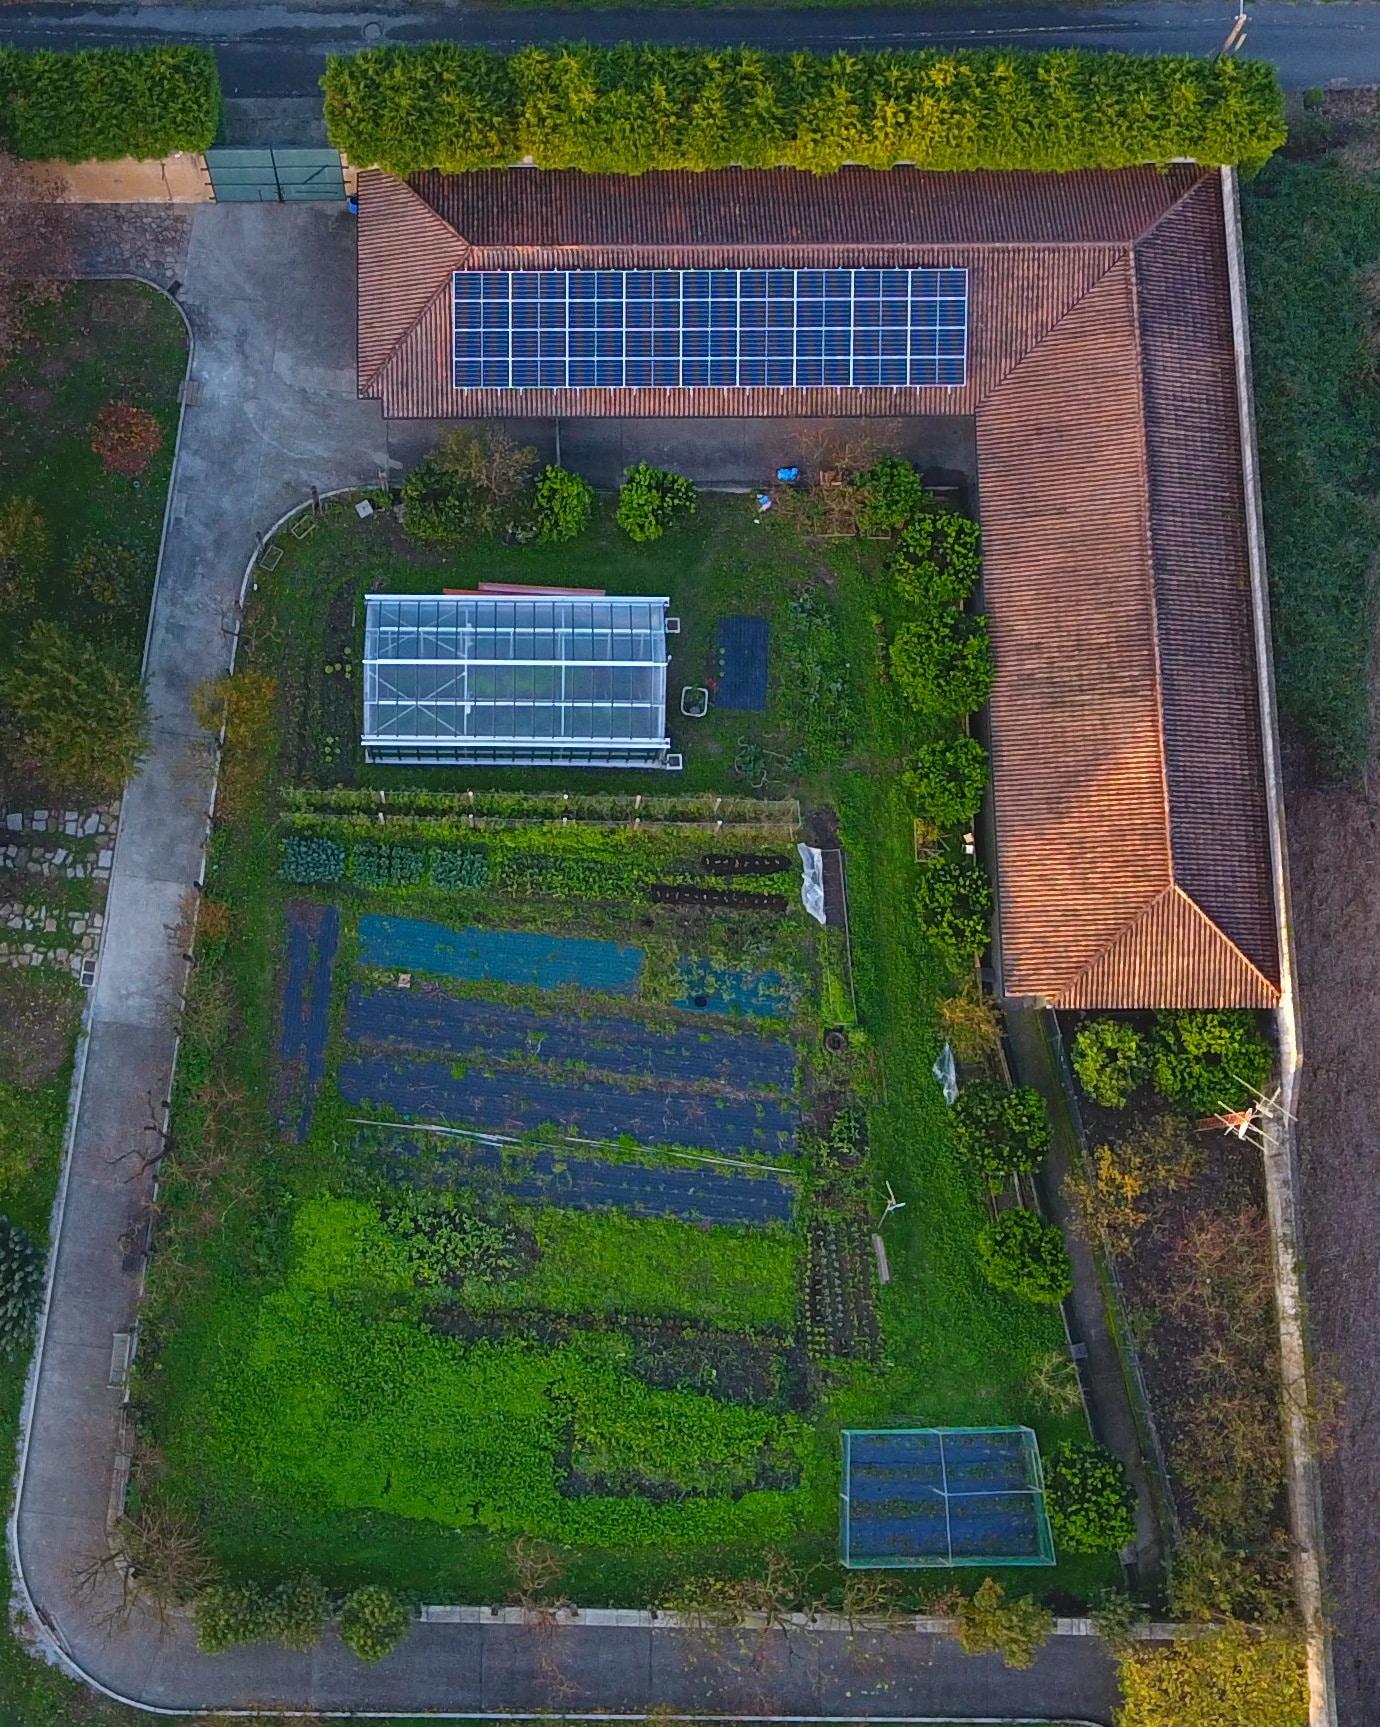 Instalación fotovoltaica para autoconsumo en vivienda particular